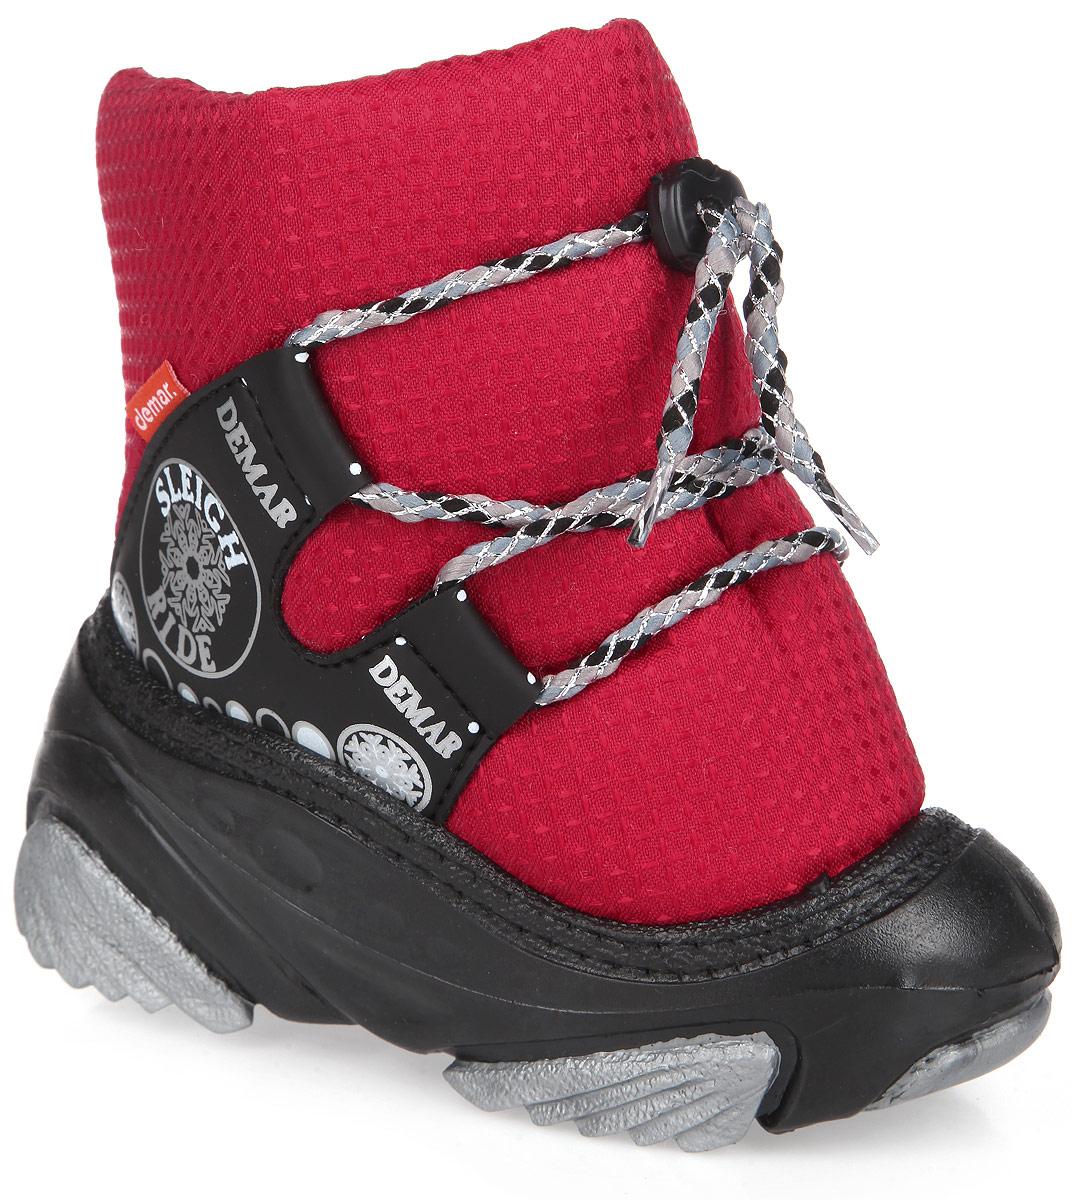 4016Практичные и удобные дутики от Demar - отличный вариант на каждый день. Модель выполнена в нижней части из ПВХ (поливинилхлорида), а голенище - из современного текстильного материала, обладающего высокими износостойкими свойствами. Верх изделия оформлен шнуровкой, которая надежно закрепит обувь на ноге и отрегулирует объем. Подкладка и стелька, исполненные из натуральной шерсти, согреют ножки в мороз и обеспечат уют. По бокам дутики украшены оригинальным принтом. Высокая подошва, выполненная из литой резины, имеет специальное рифление, которое защищает от скольжения и сохраняет гибкость даже в значительные морозы. Удобные дутики придутся по душе вашему ребенку!